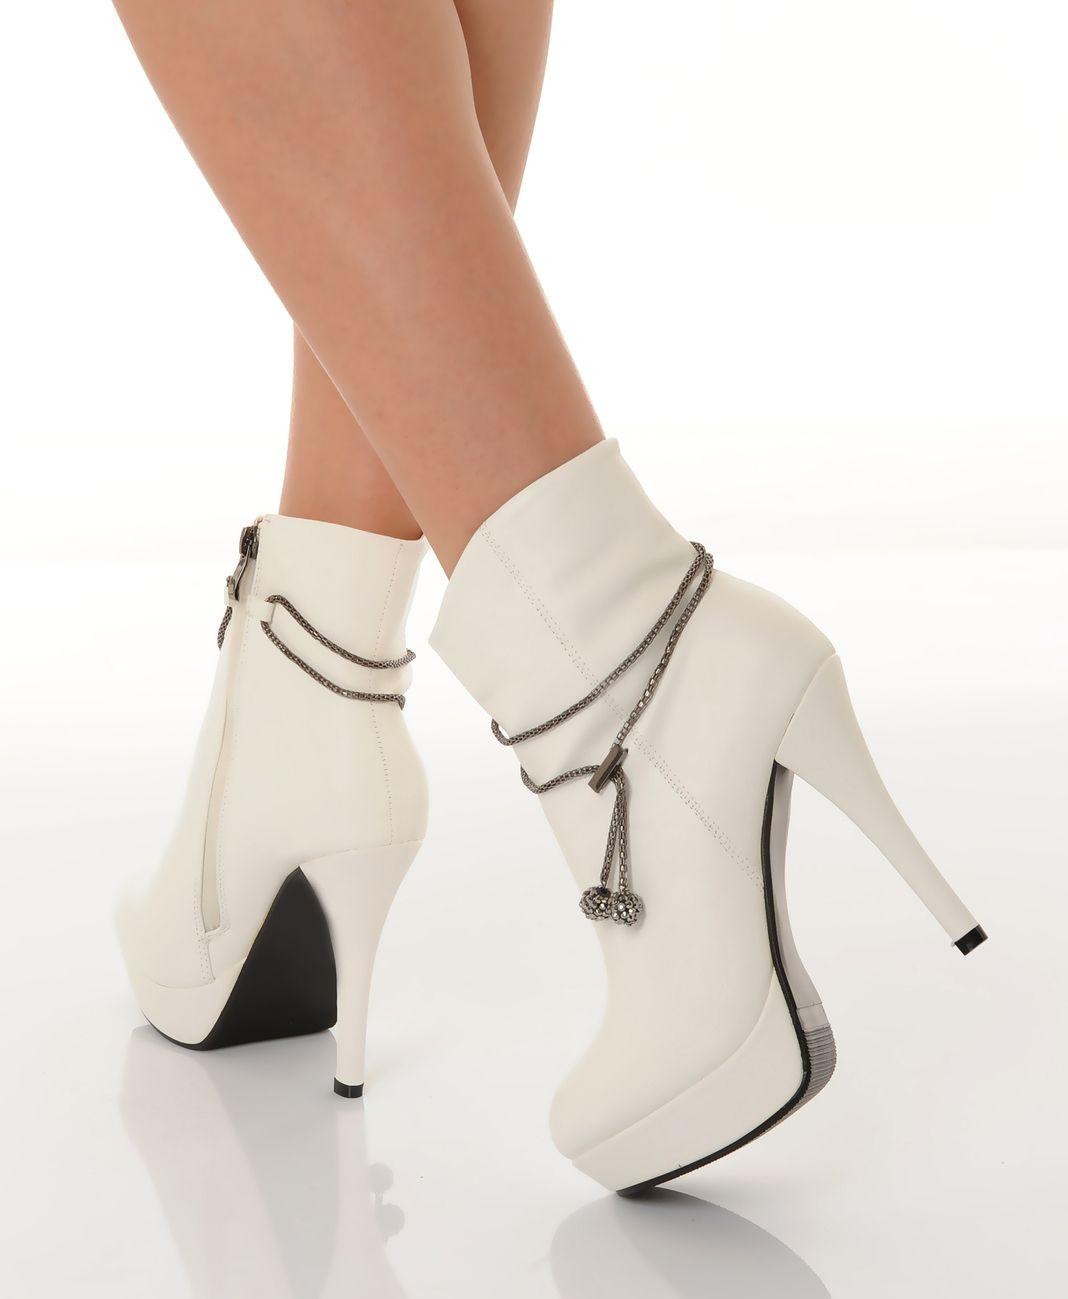 Sandales à talon BLANC MyB - Femme - Soldes jusqu'à -70%